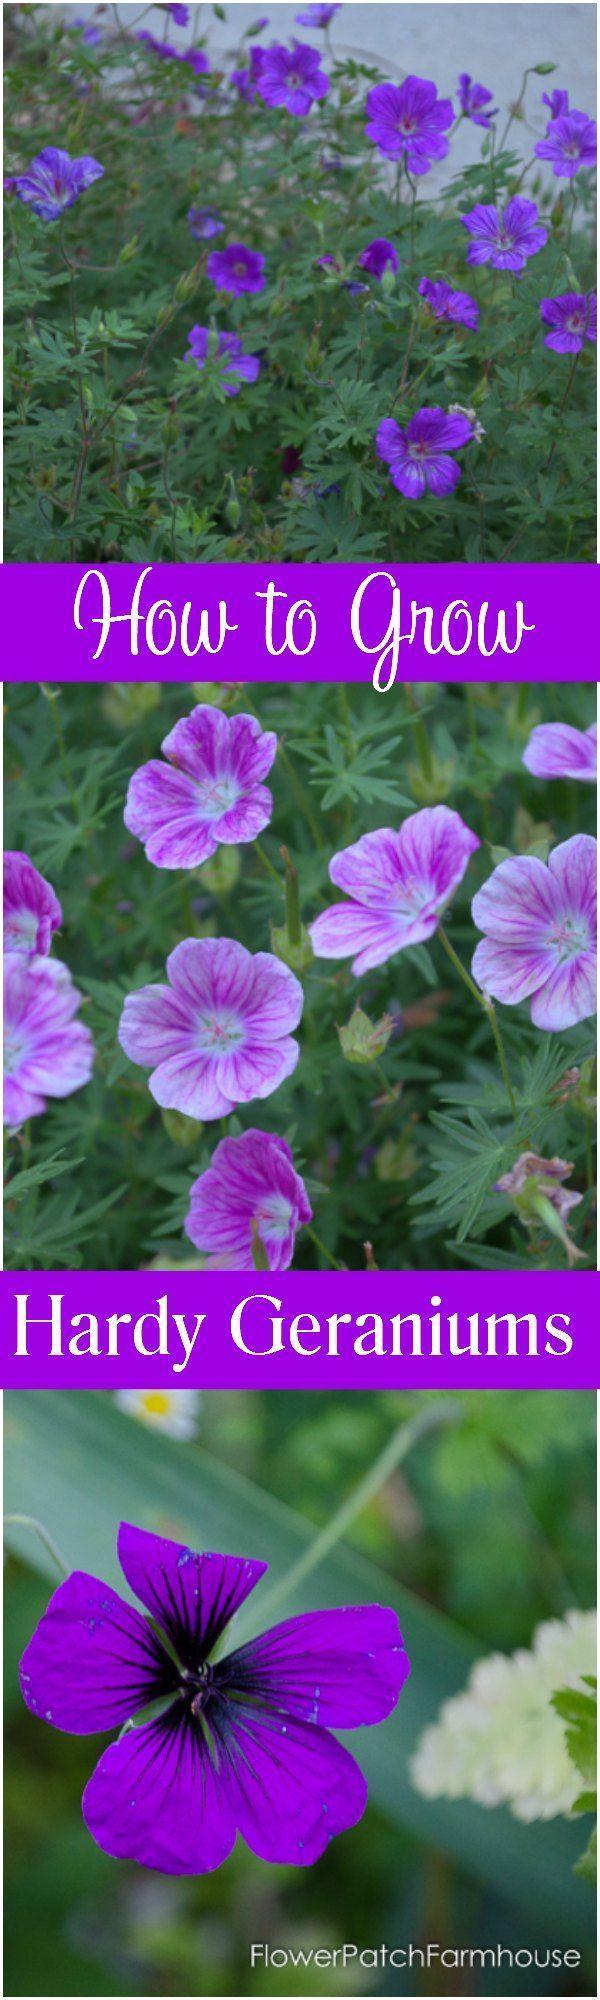 Les 25 meilleures idées de la catégorie Hardy geranium sur ...